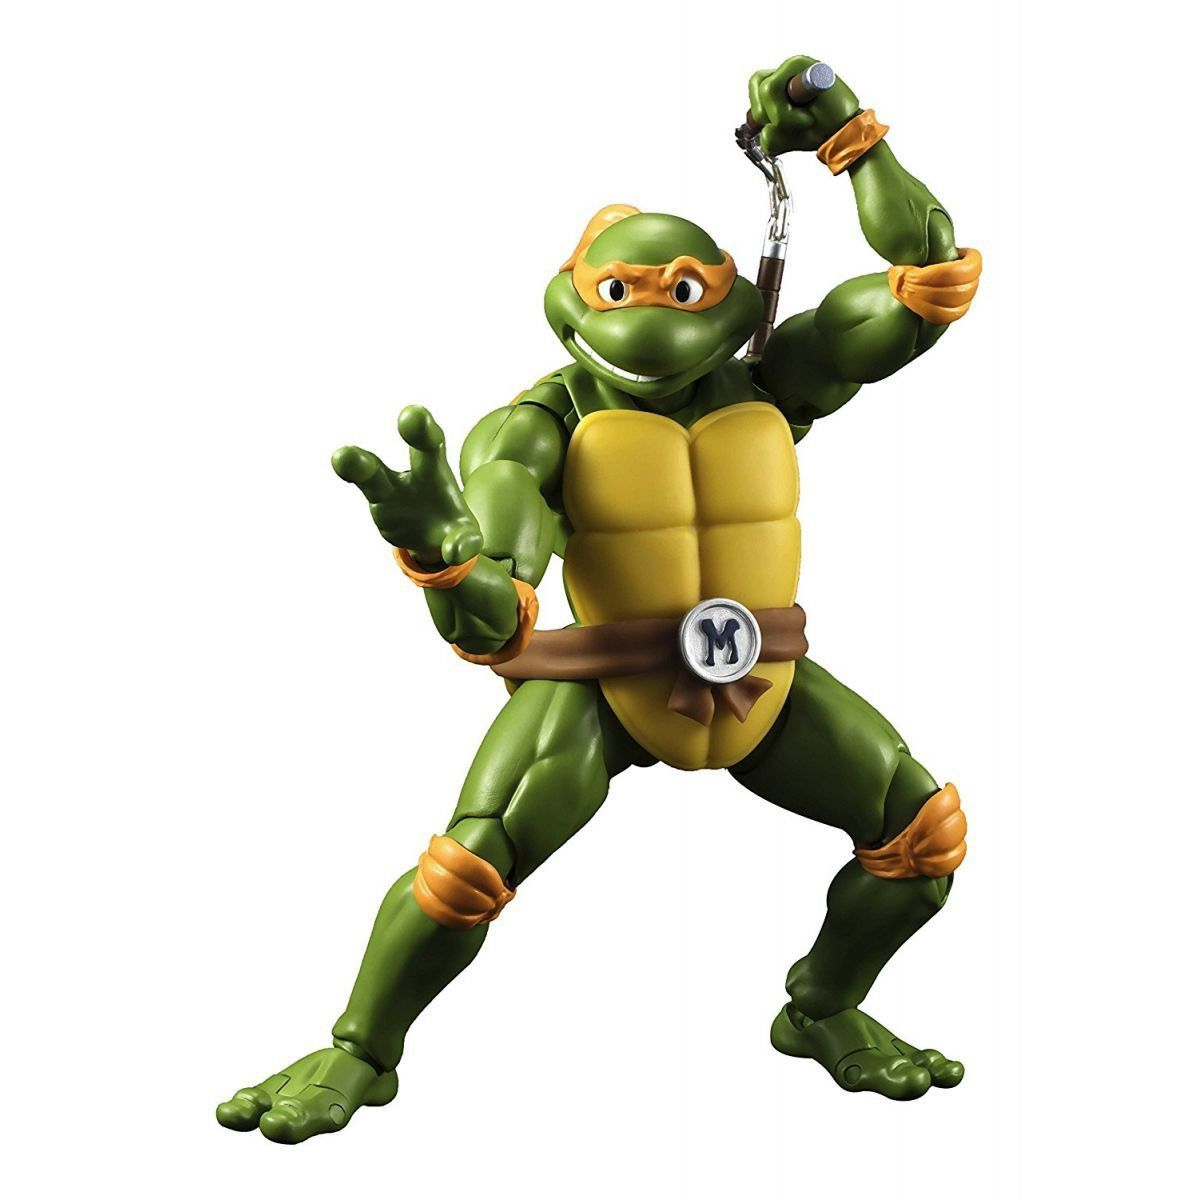 Boneco Michelangelo: Tartarugas Ninjas S.H Figuarts - Bandai